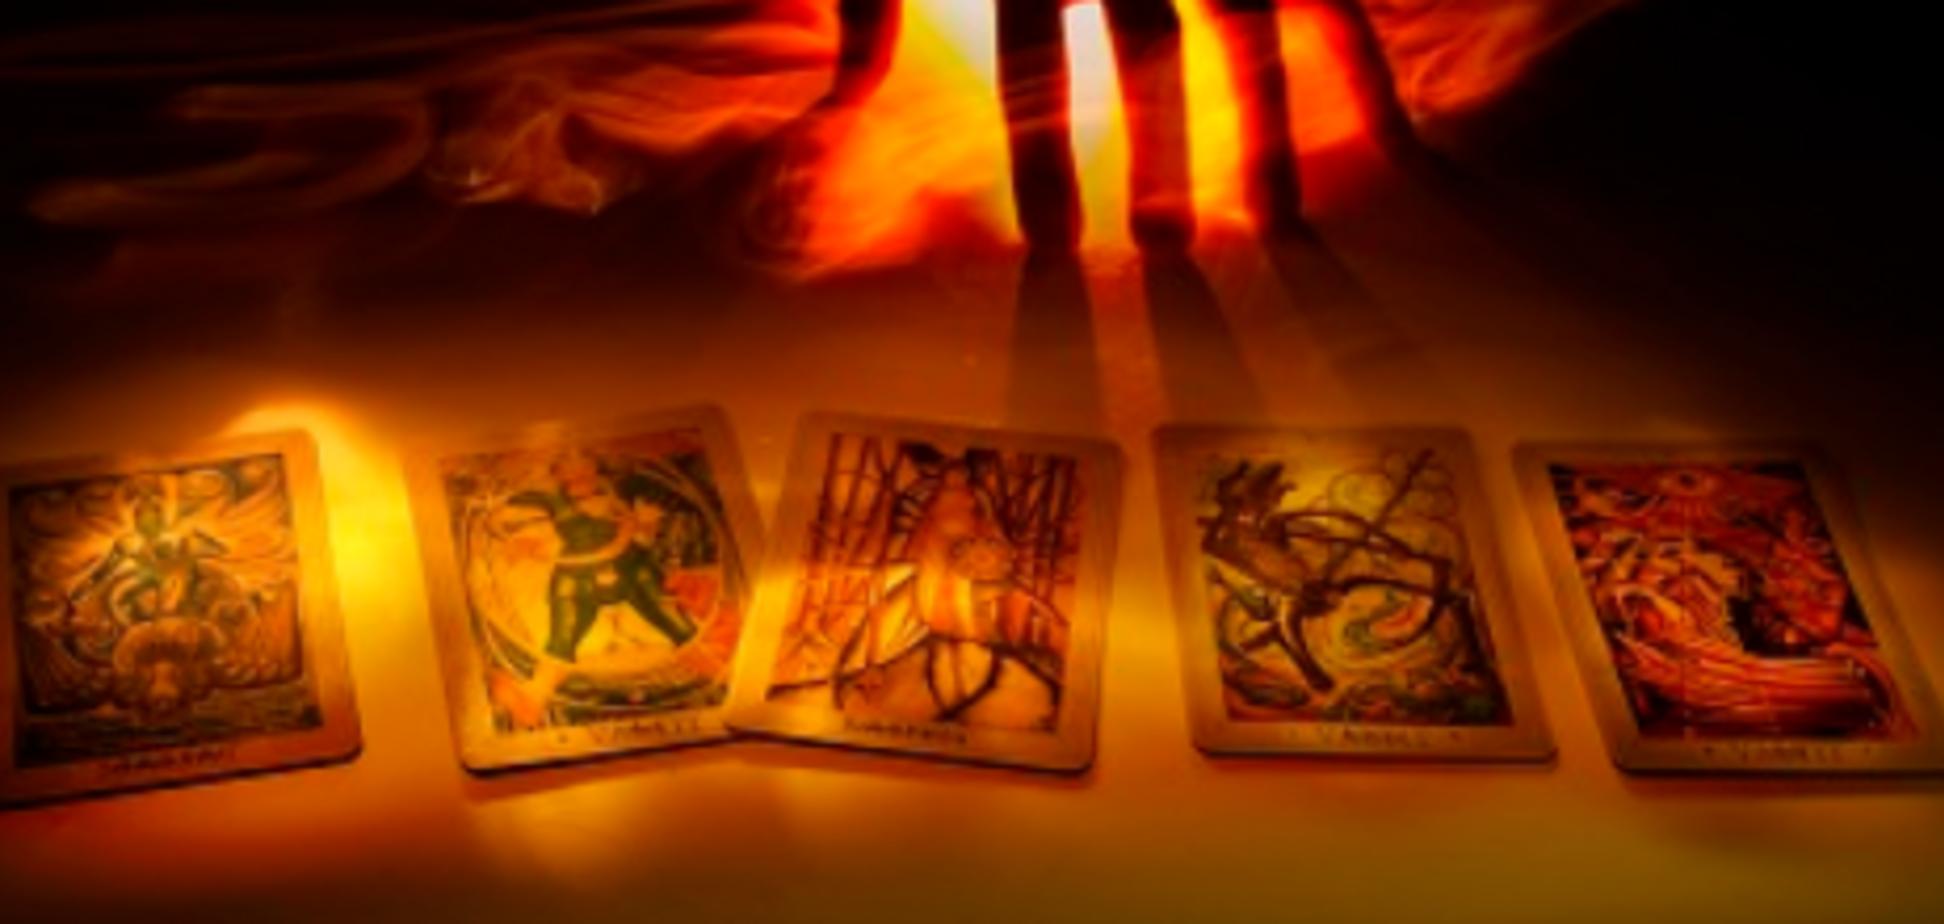 Гороскоп на 12 січня для всіх знаків Зодіаку за картами Таро: кому загрожує небезпека